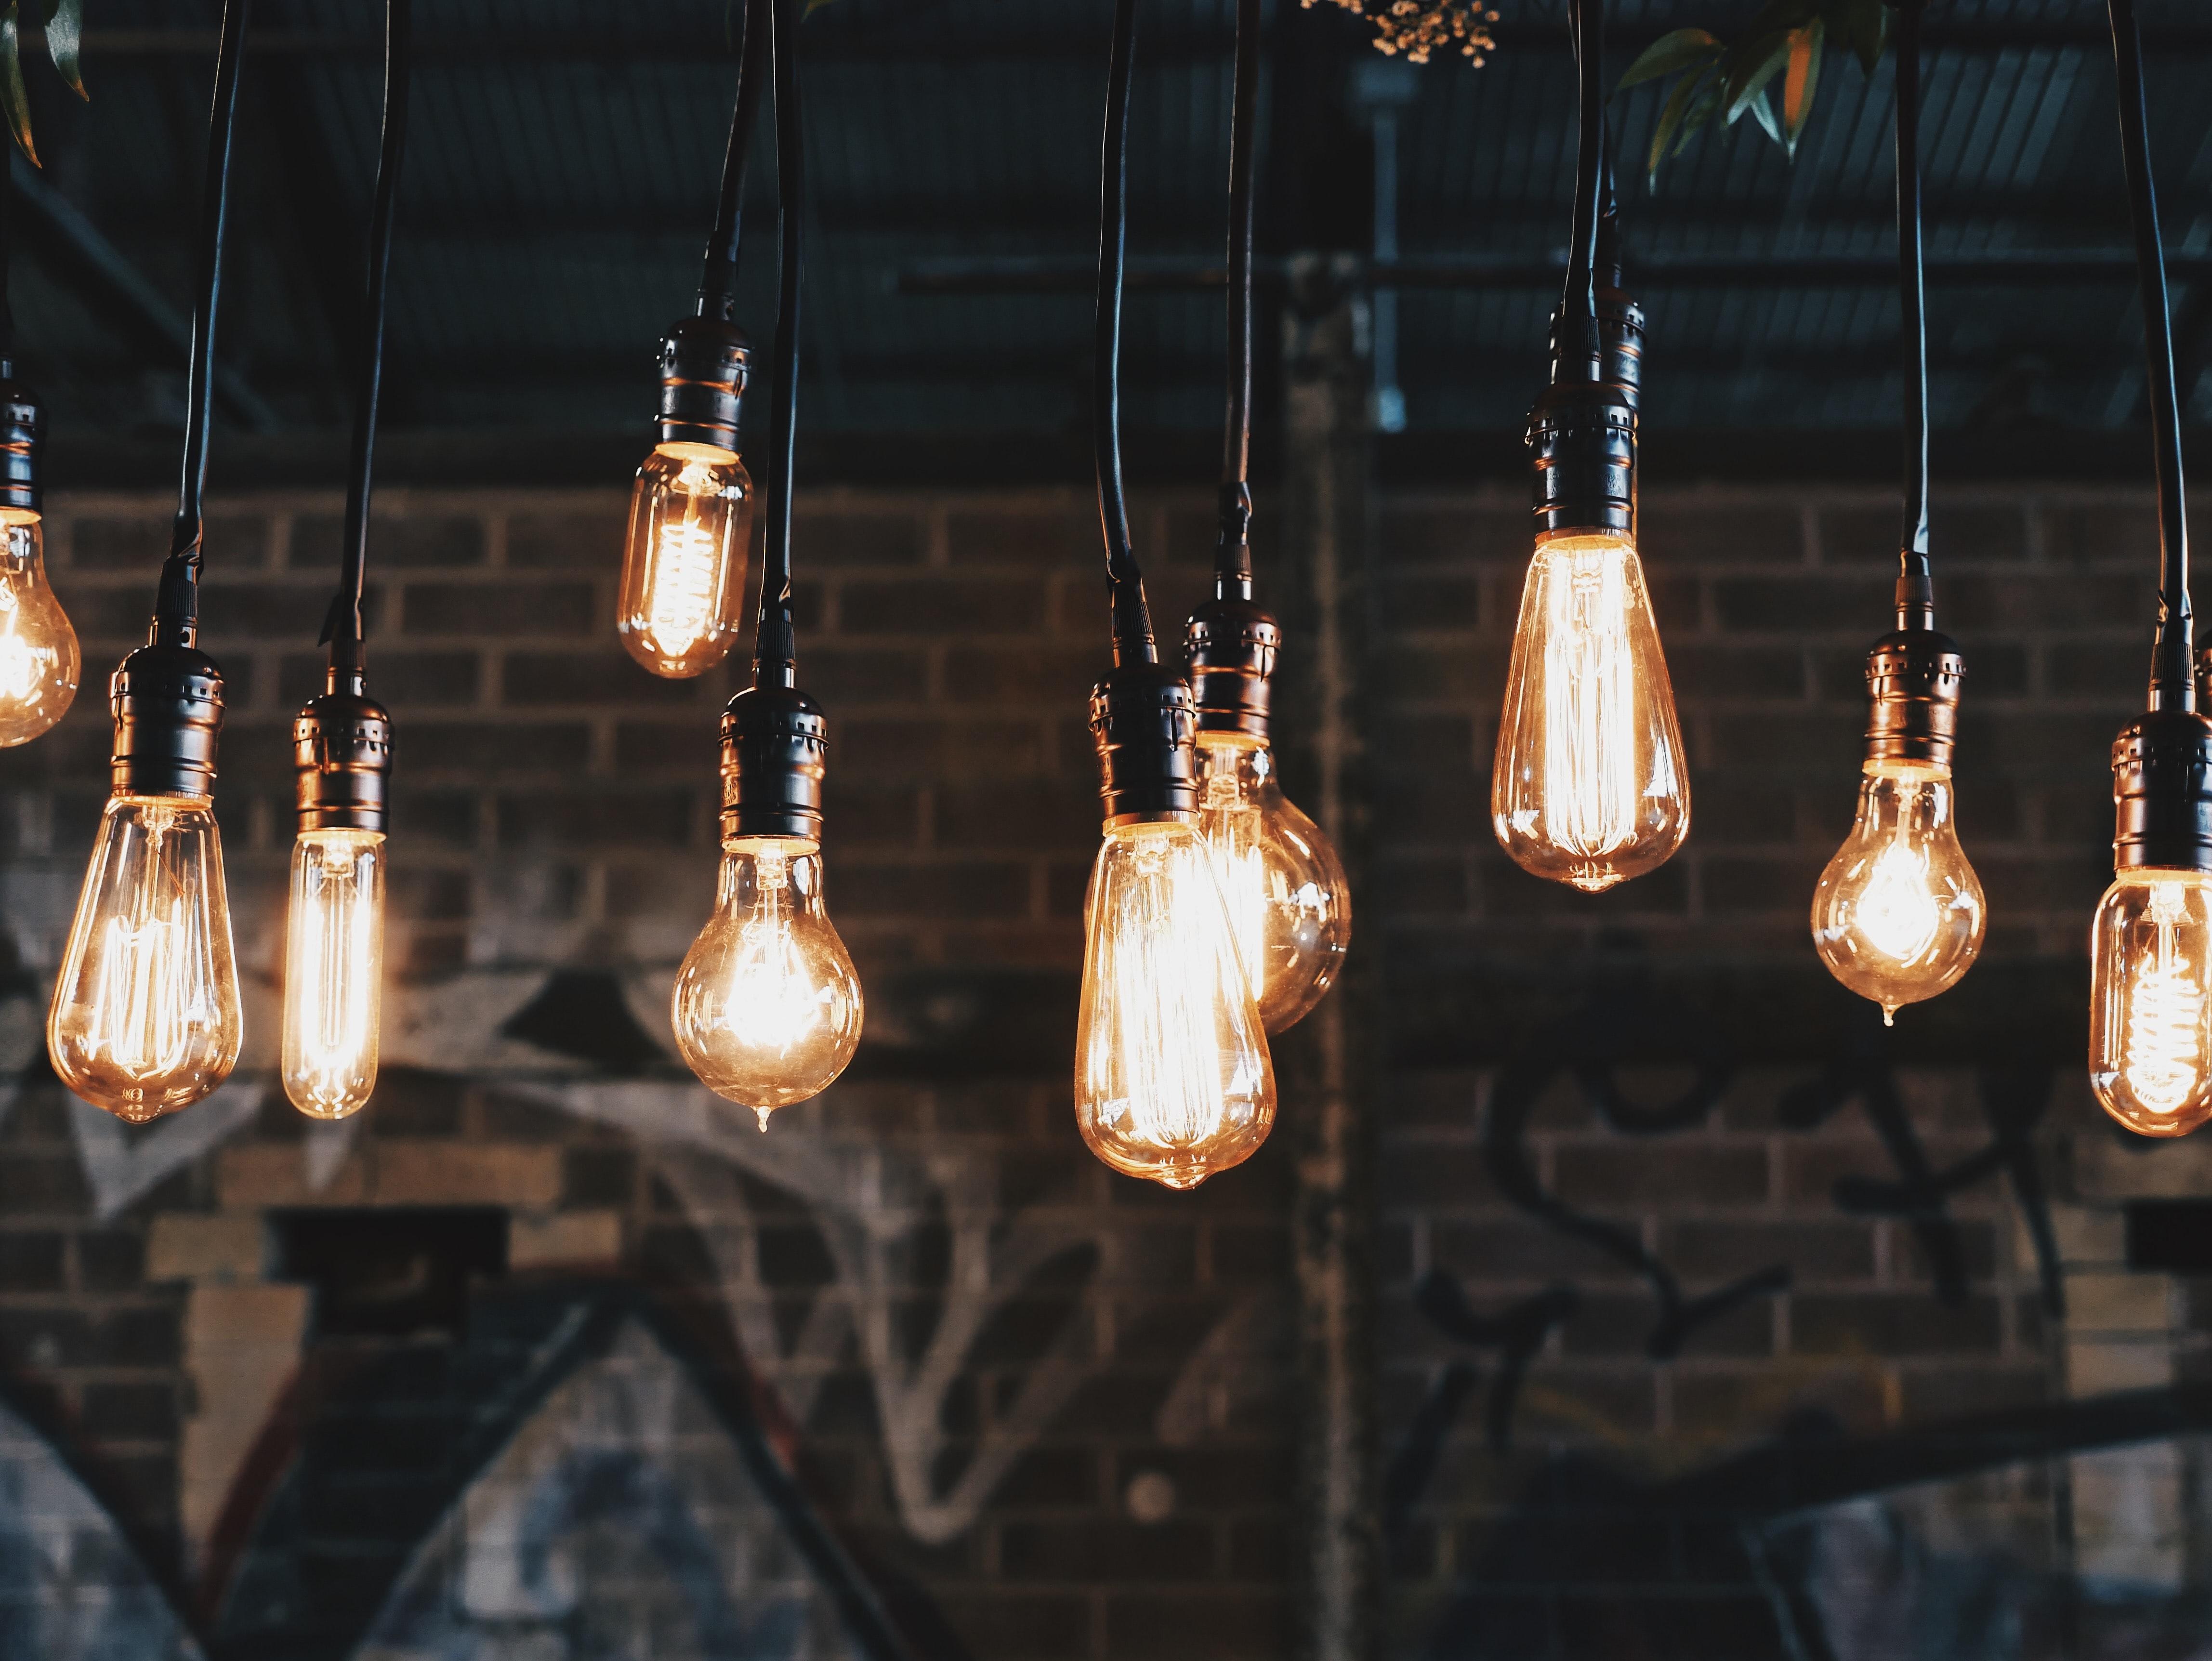 Nova etiqueta energética para lâmpadas